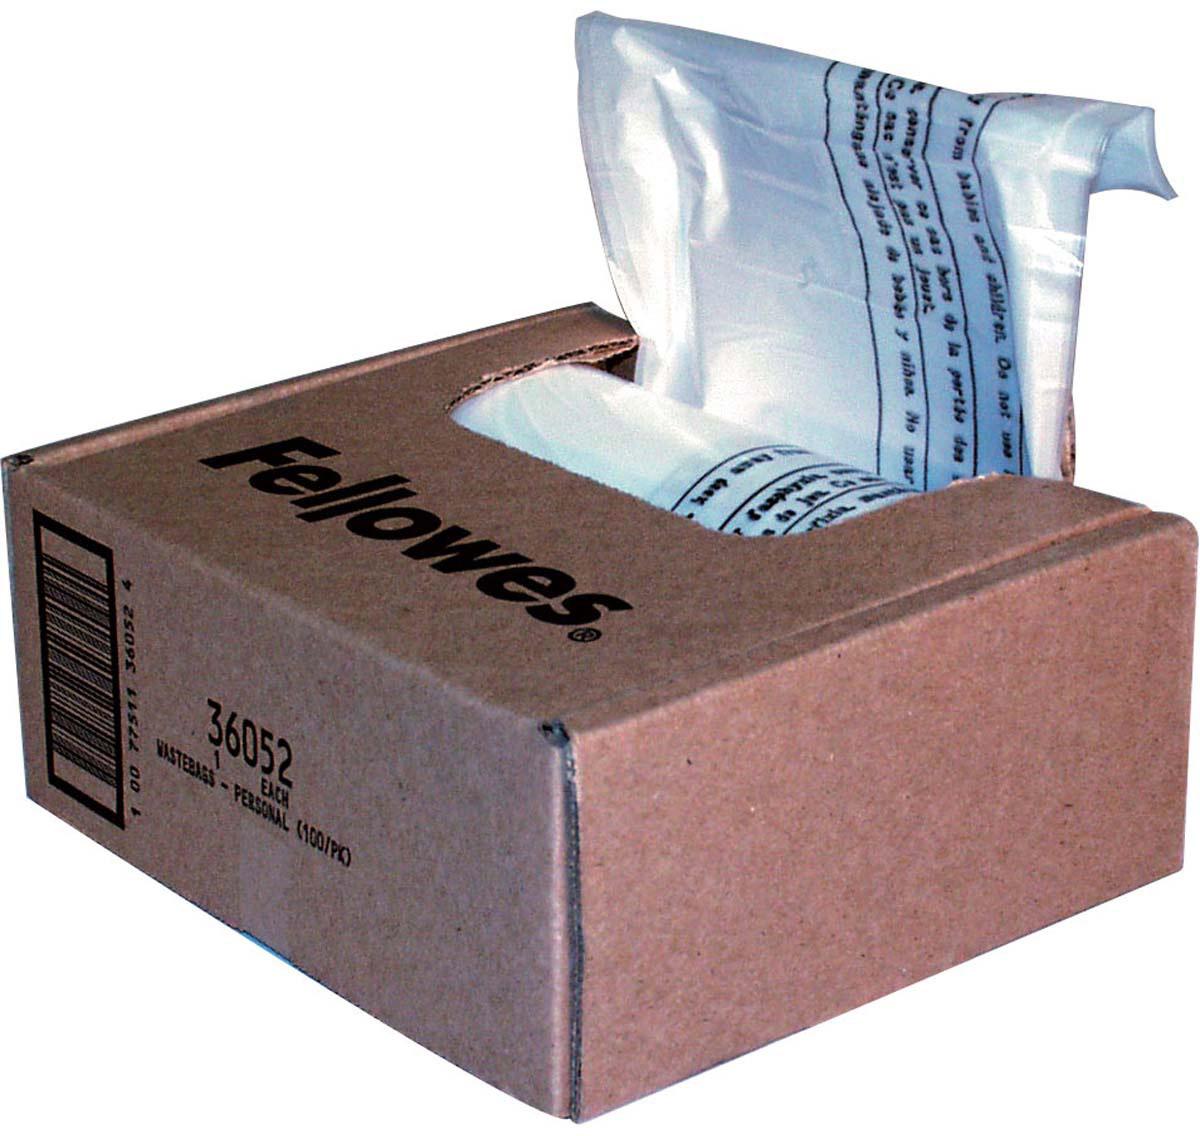 Fellowes мешки для уничтожителей, 23-28 литров (100 шт) -  Офисные принадлежности